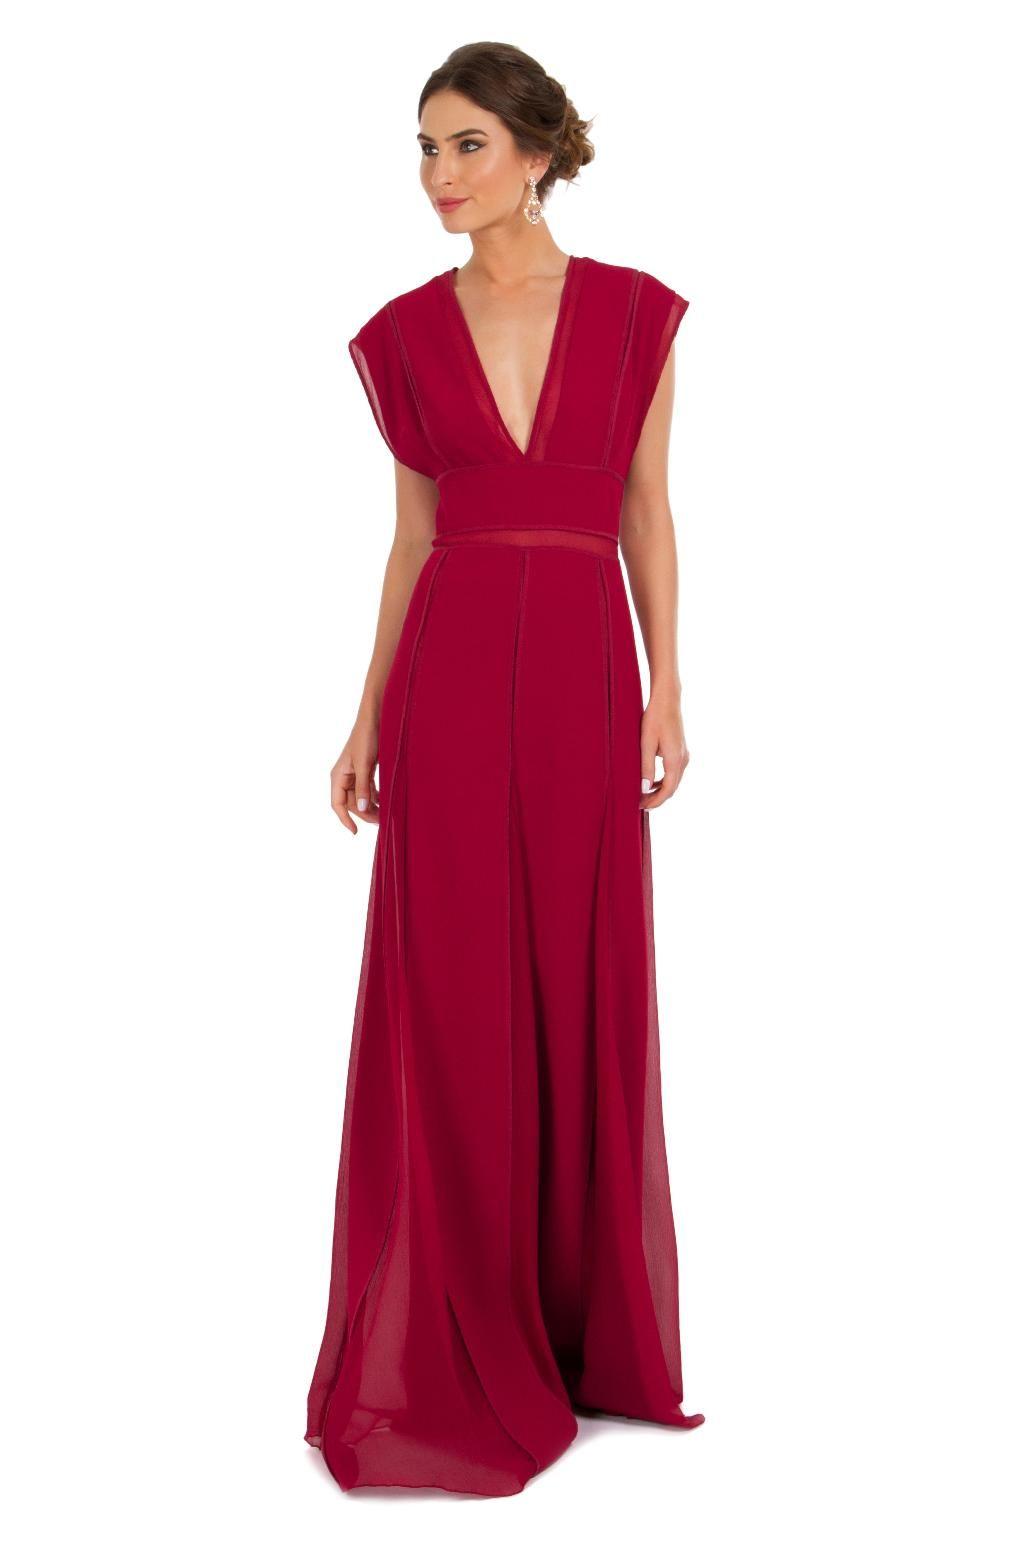 edff1c4c3 Vestido longo de crepe vermelho com alças duplas largas, pala na cintura e  nesgas de